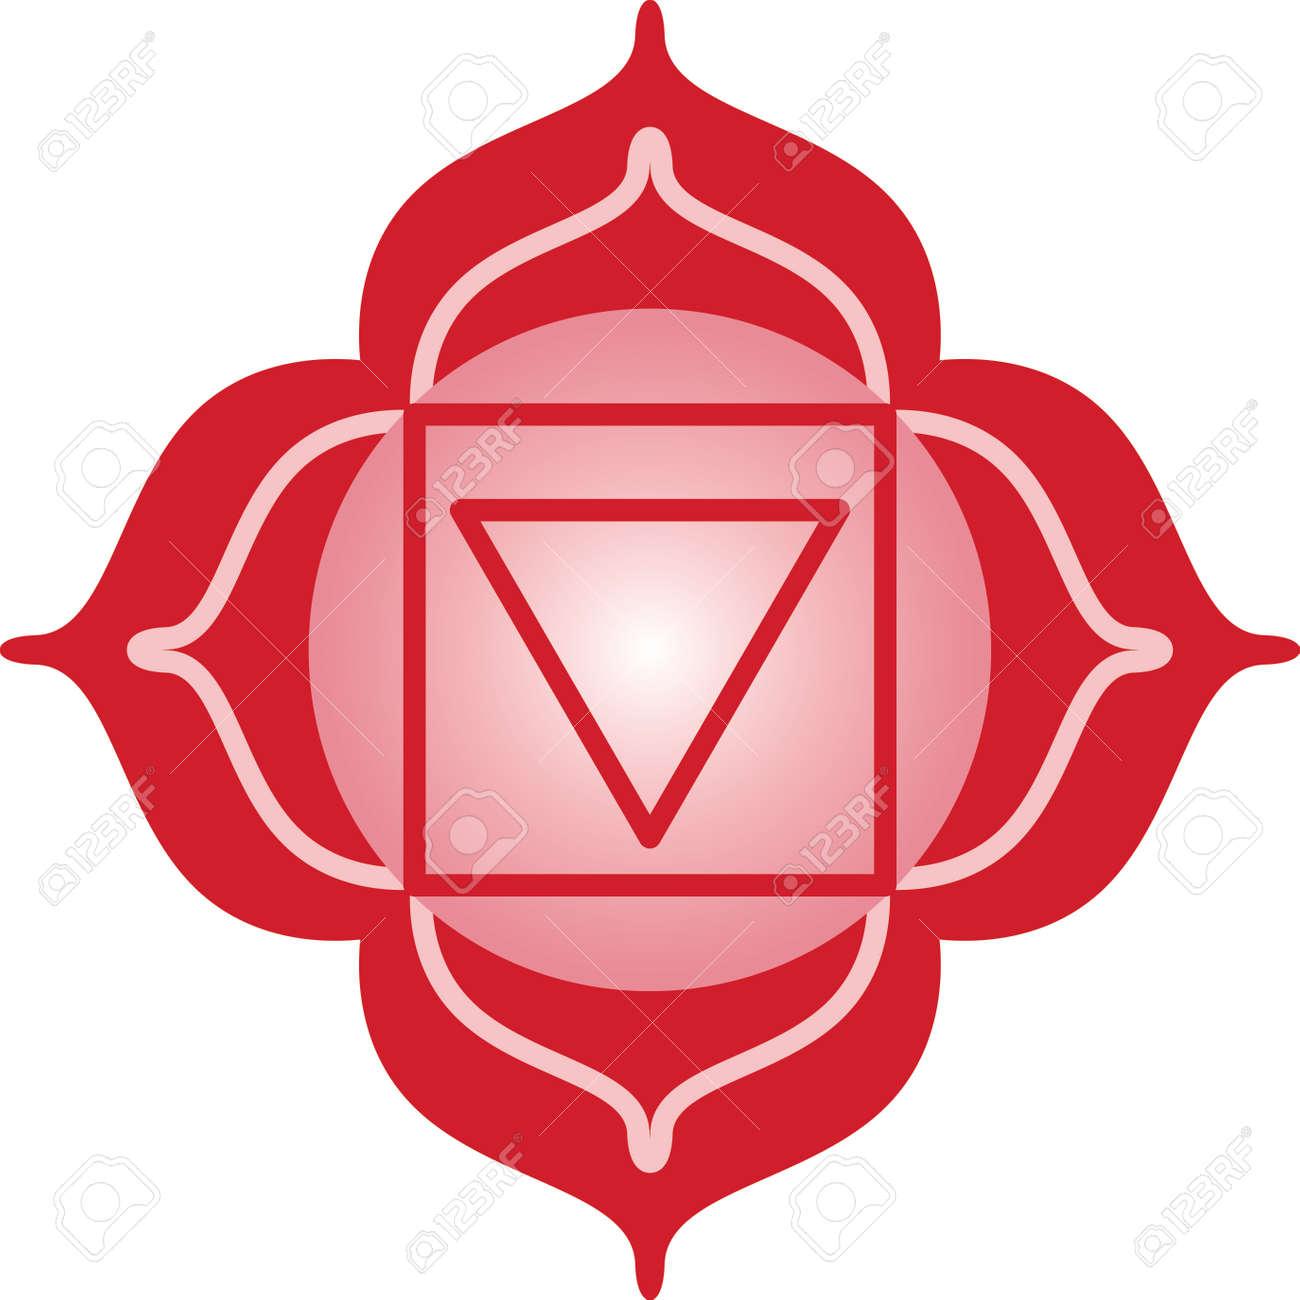 hindoeistische spreuken Chakra Plein Voor Hindoeïstische Religieuze Spreuken En Symbolen  hindoeistische spreuken